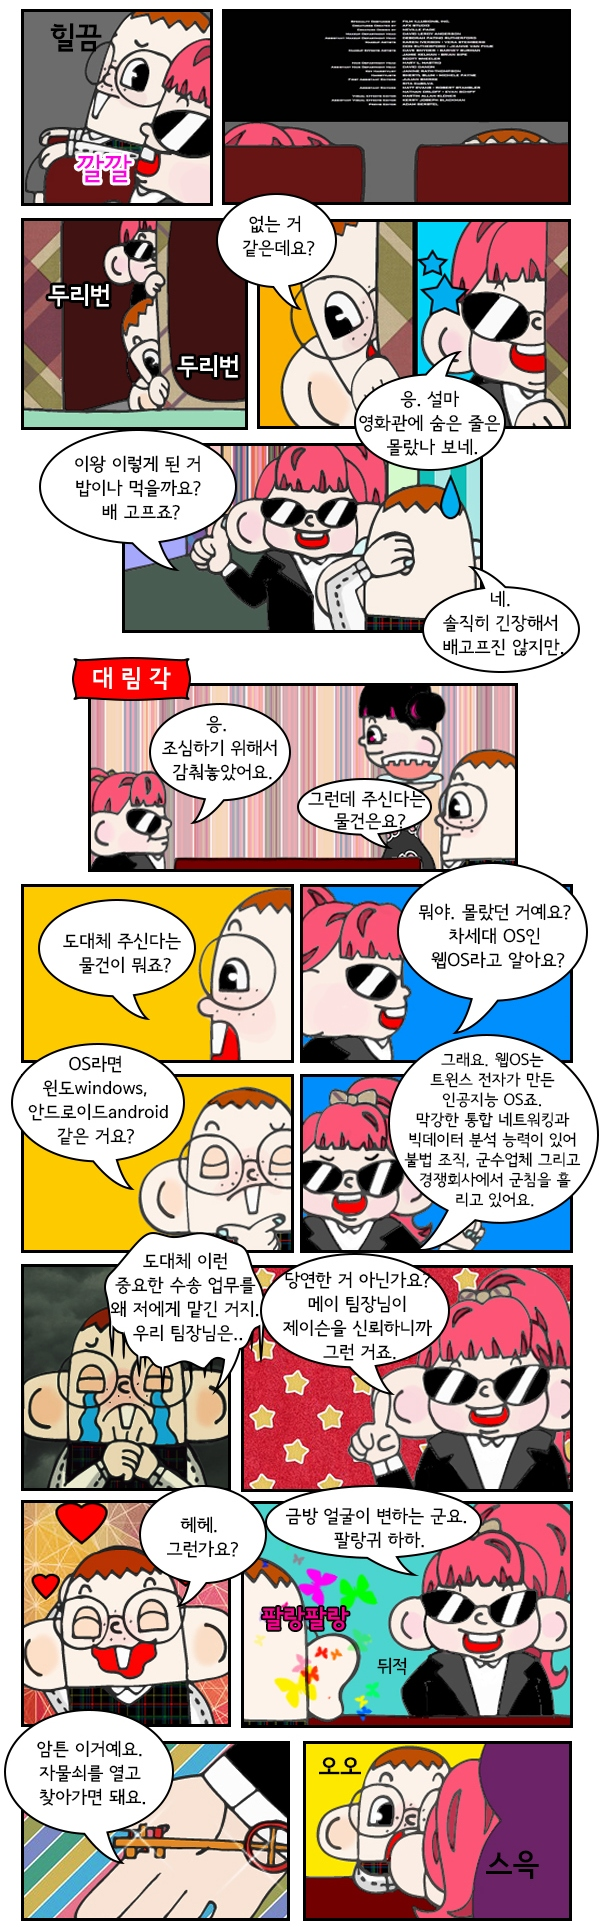 꼬마마녀 윙키드 5화 (3)